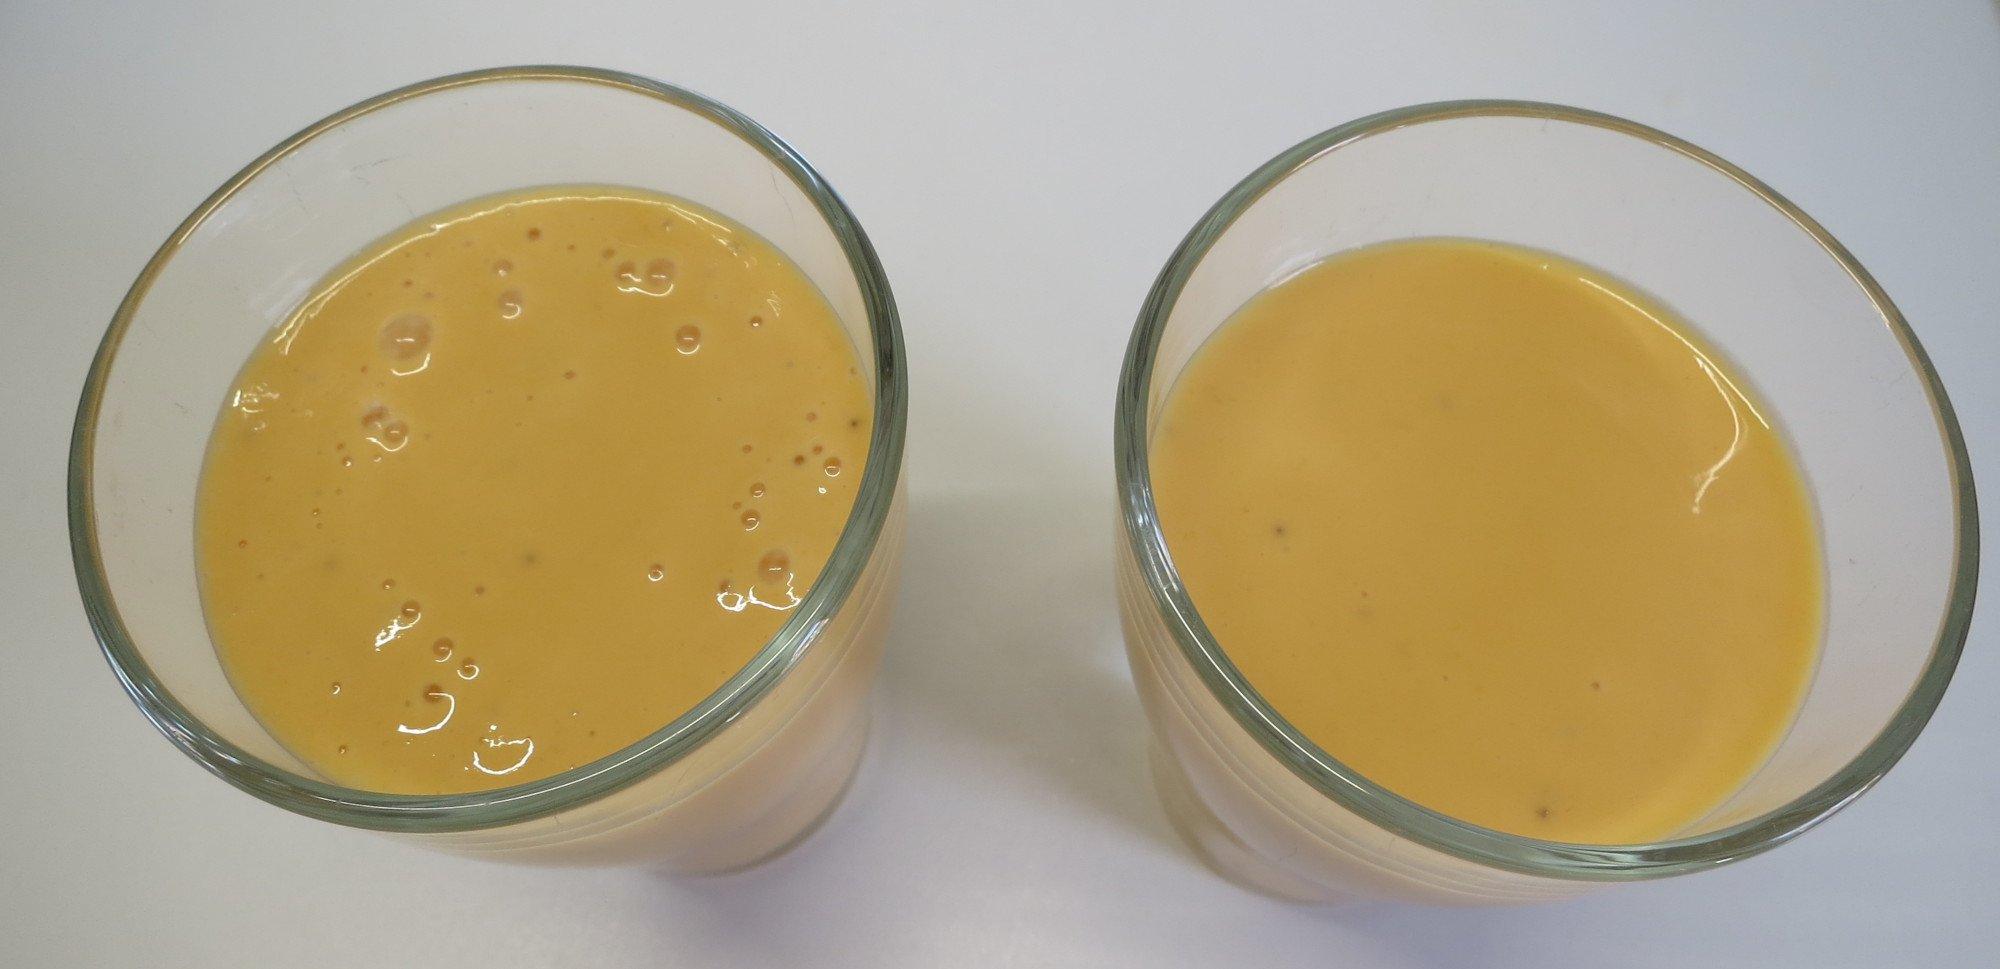 Bananen-Möhren-Smoothie direkt nach dem Mixen: links ohne und rechts mit Vakuum (Bild: Peter Giesecke)